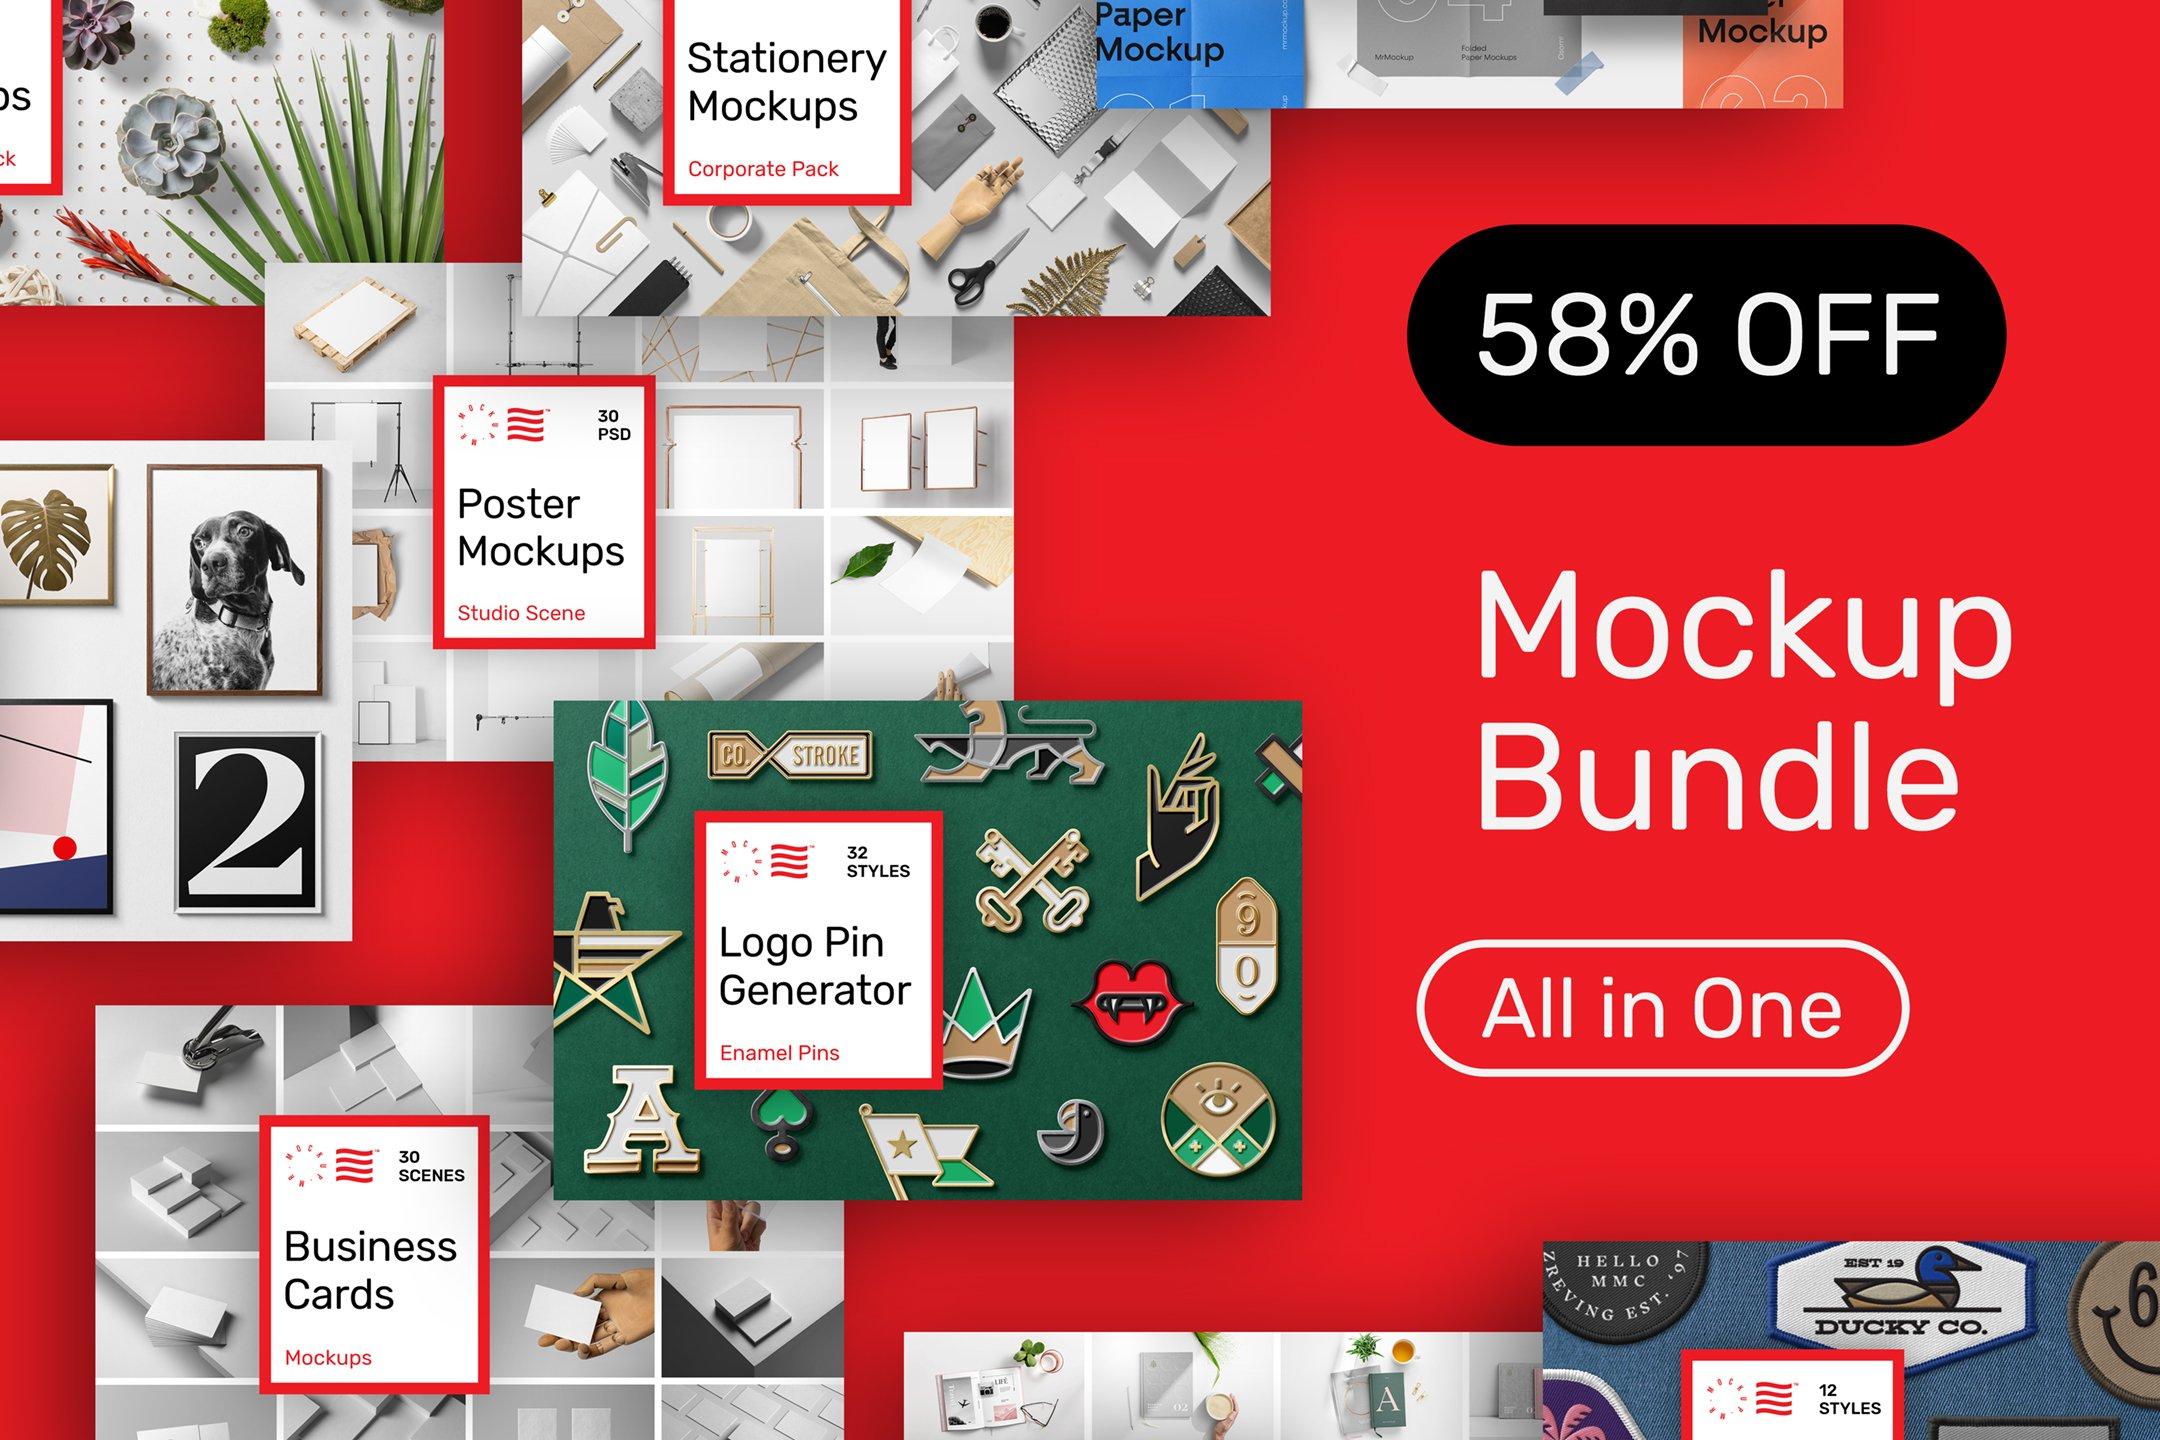 [淘宝购买] 超大品牌VI办公用品海报传单包装手机刺绣样机合集 Mockup Bundle – All In One [39.56GB]插图